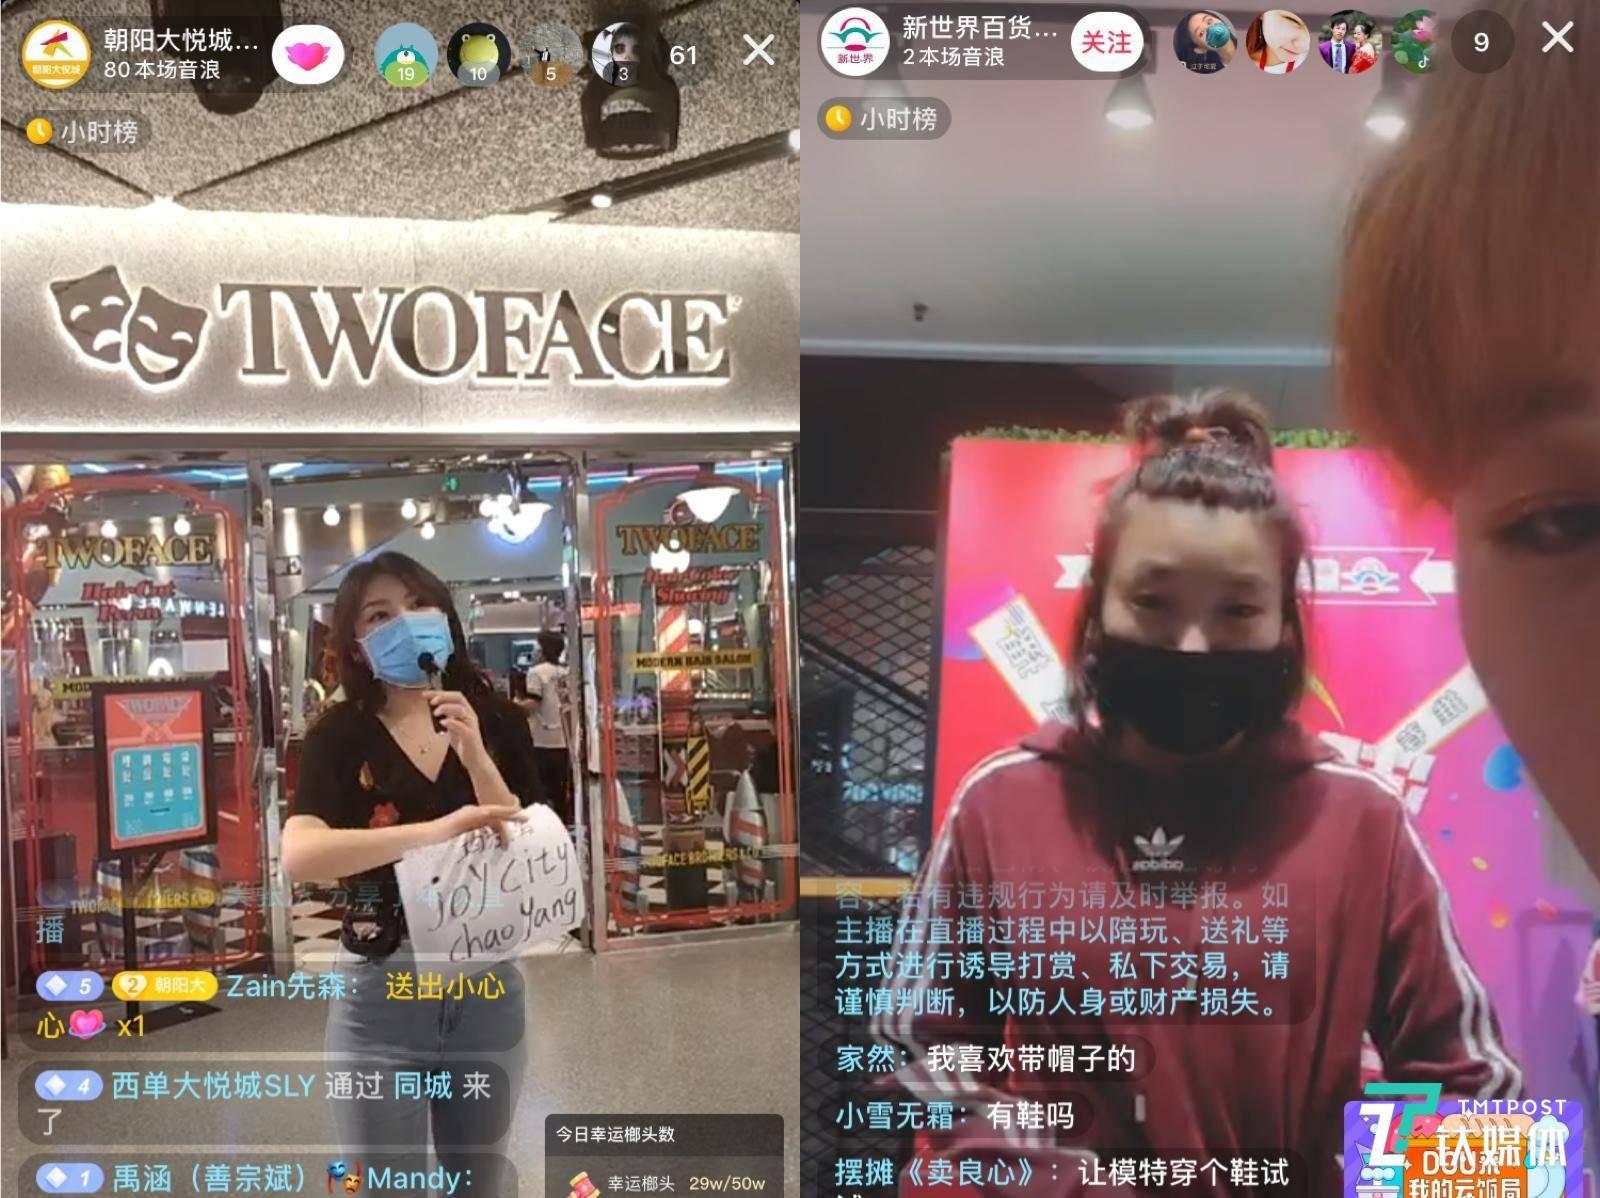 朝阳大悦城和北京某新世界百货的抖音直播实况截图